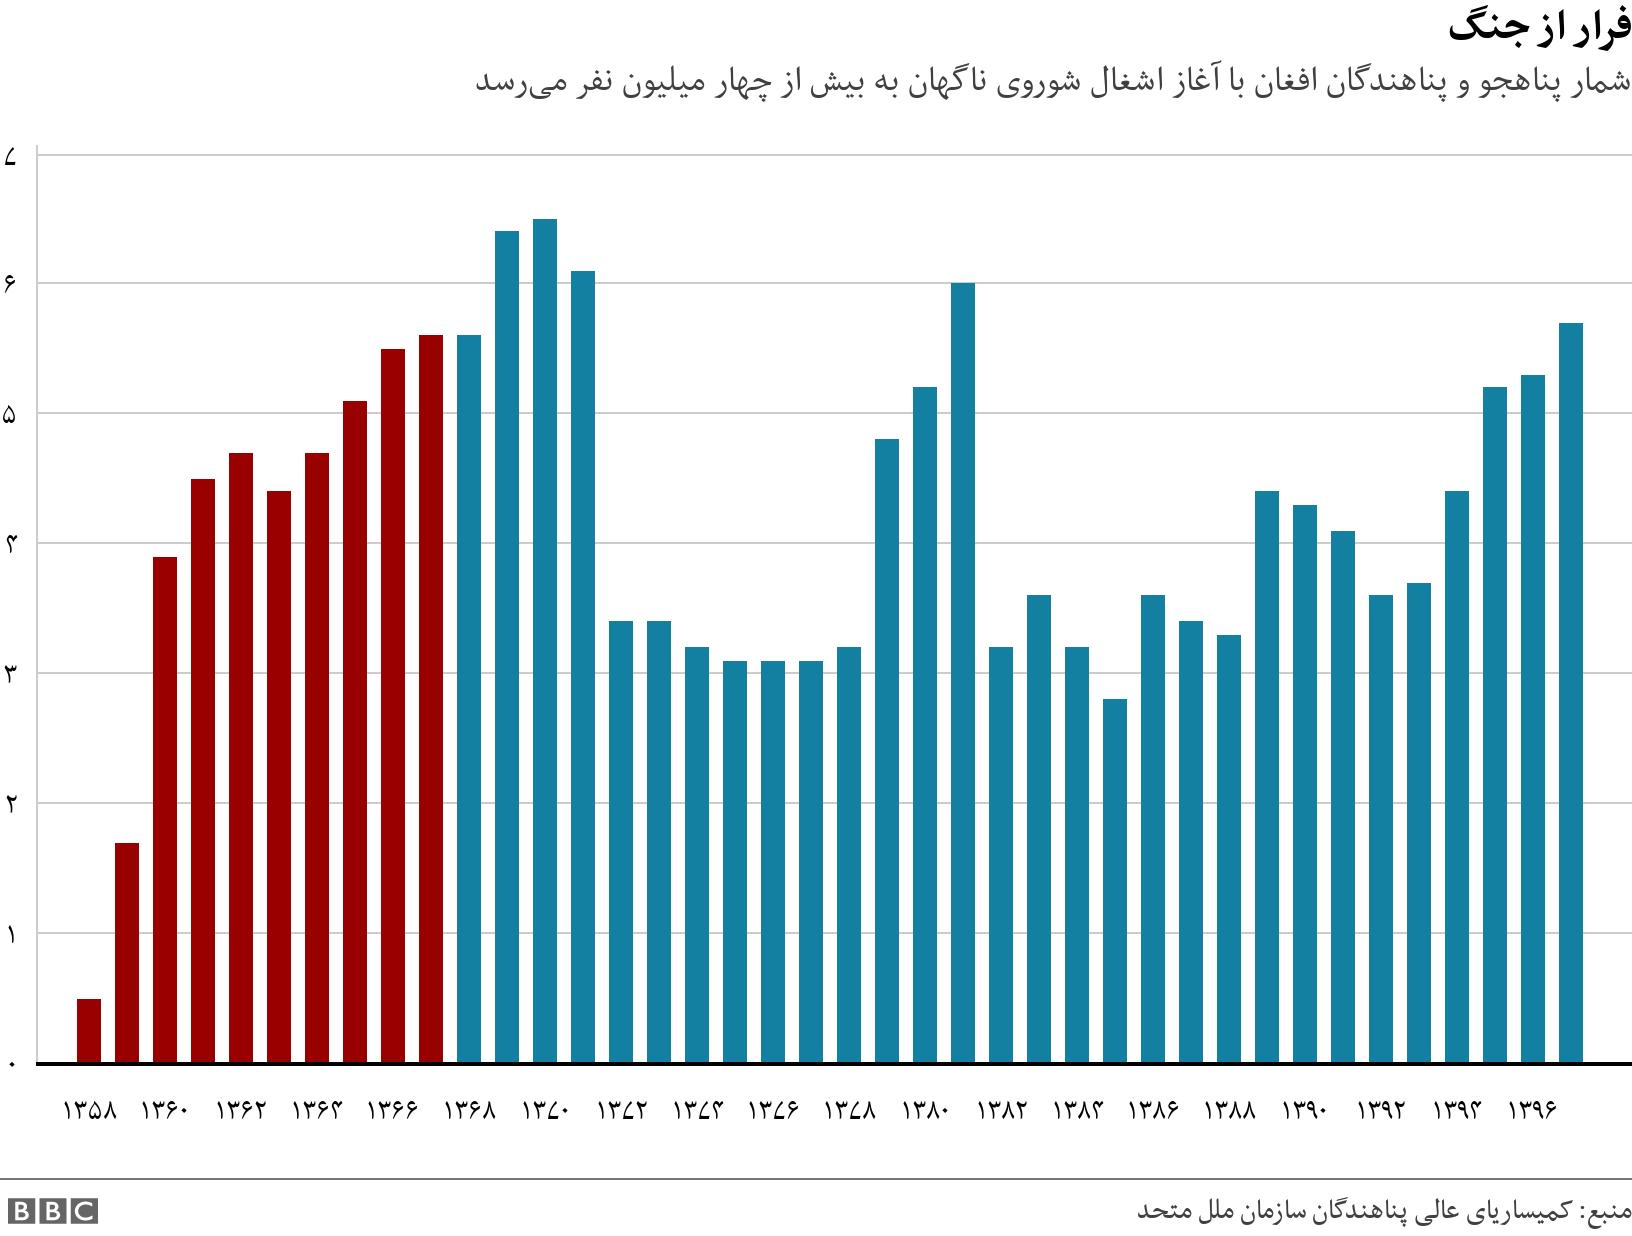 فرار از جنگ. شمار پناهجو و پناهندگان افغان با آغاز اشغال شوروی ناگهان به بیش از چهار میلیون نفر میرسد.  .